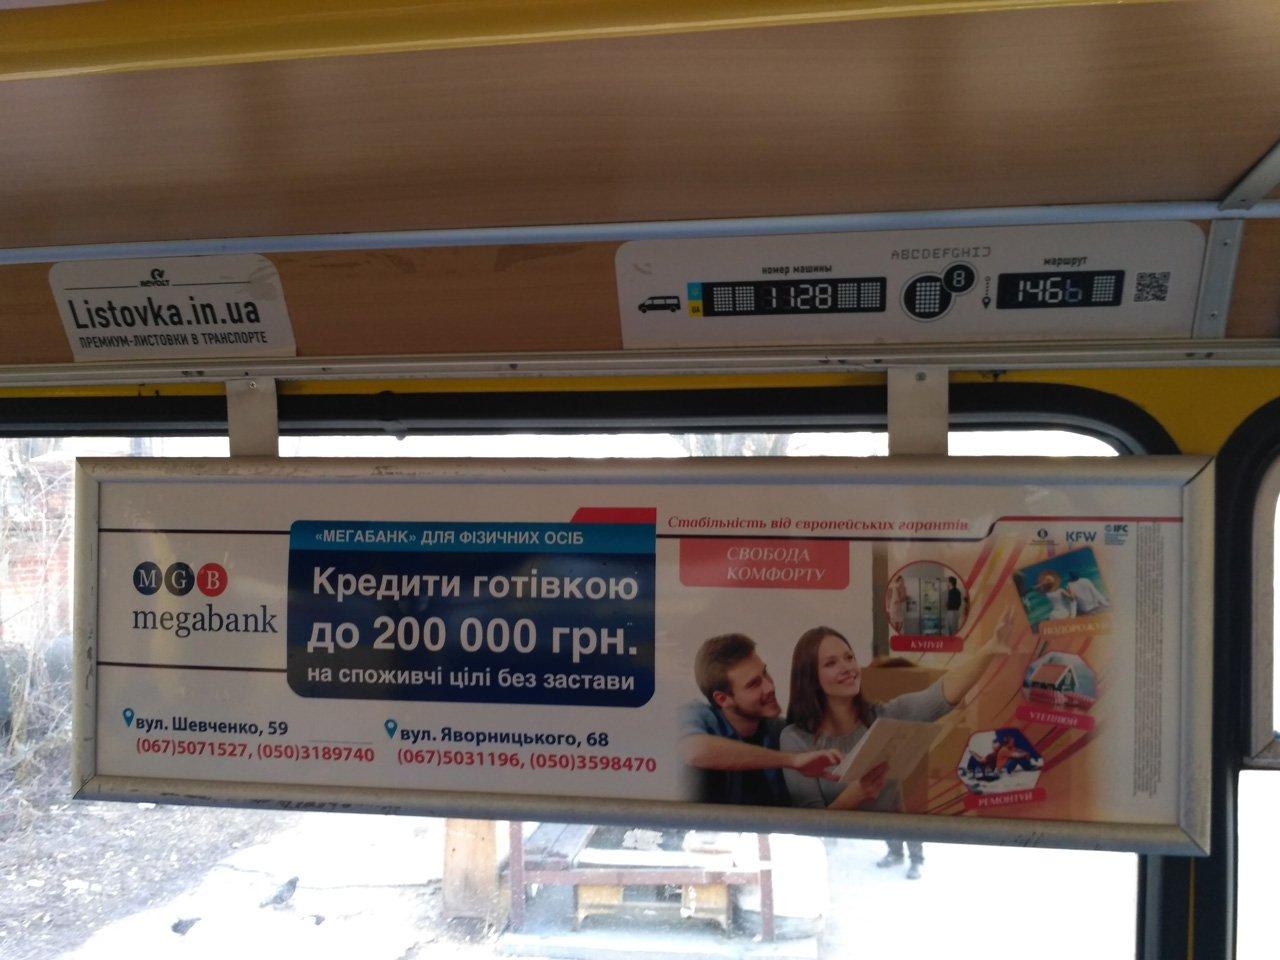 Реклама Мегабанка в маршрутках